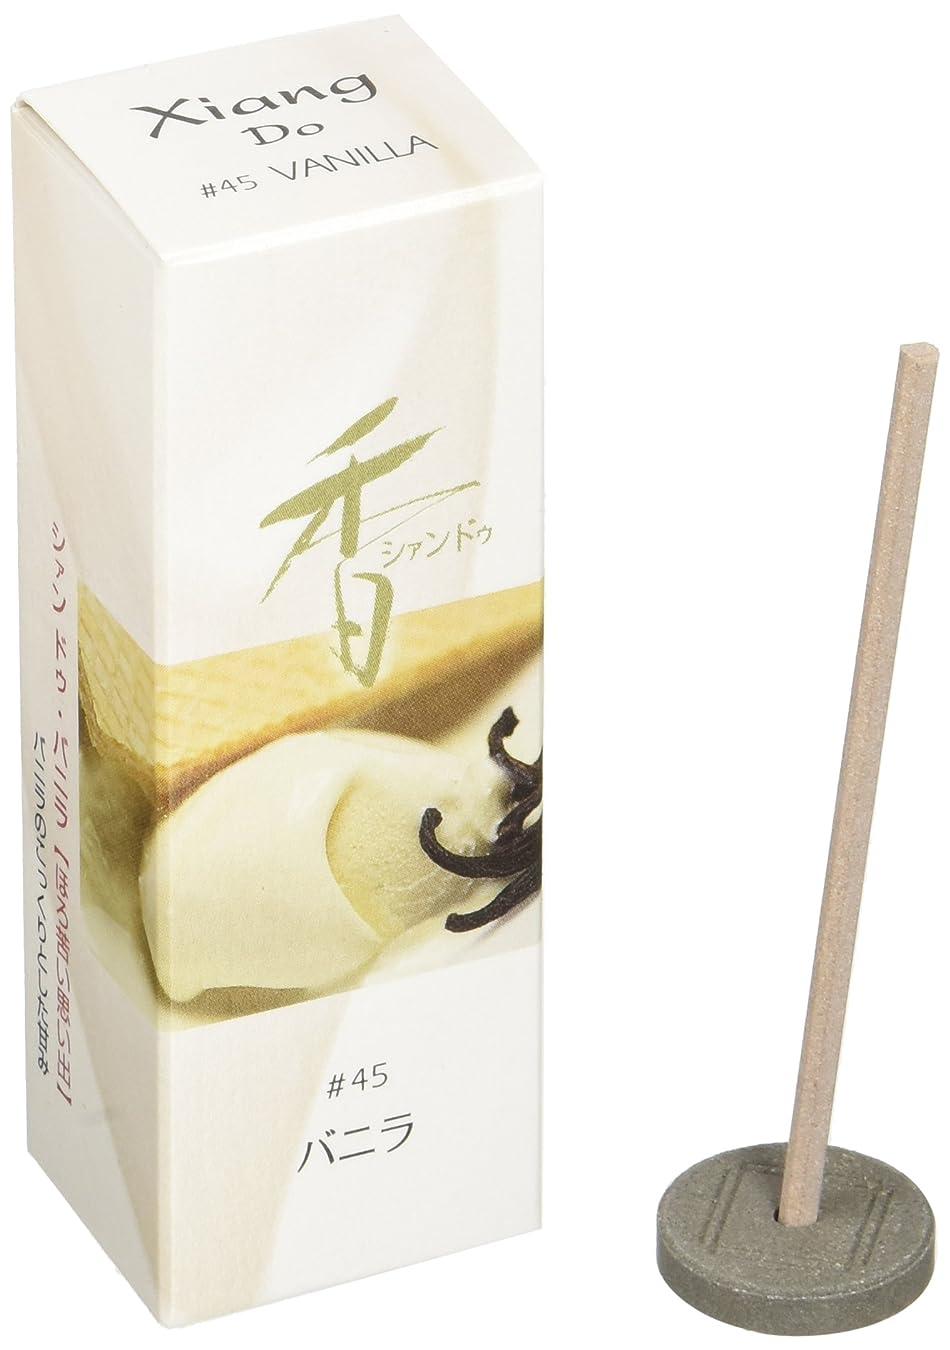 飲み込むアノイテープ松栄堂のお香 Xiang Do(シャンドゥ) バニラ ST20本入 簡易香立付 #214245